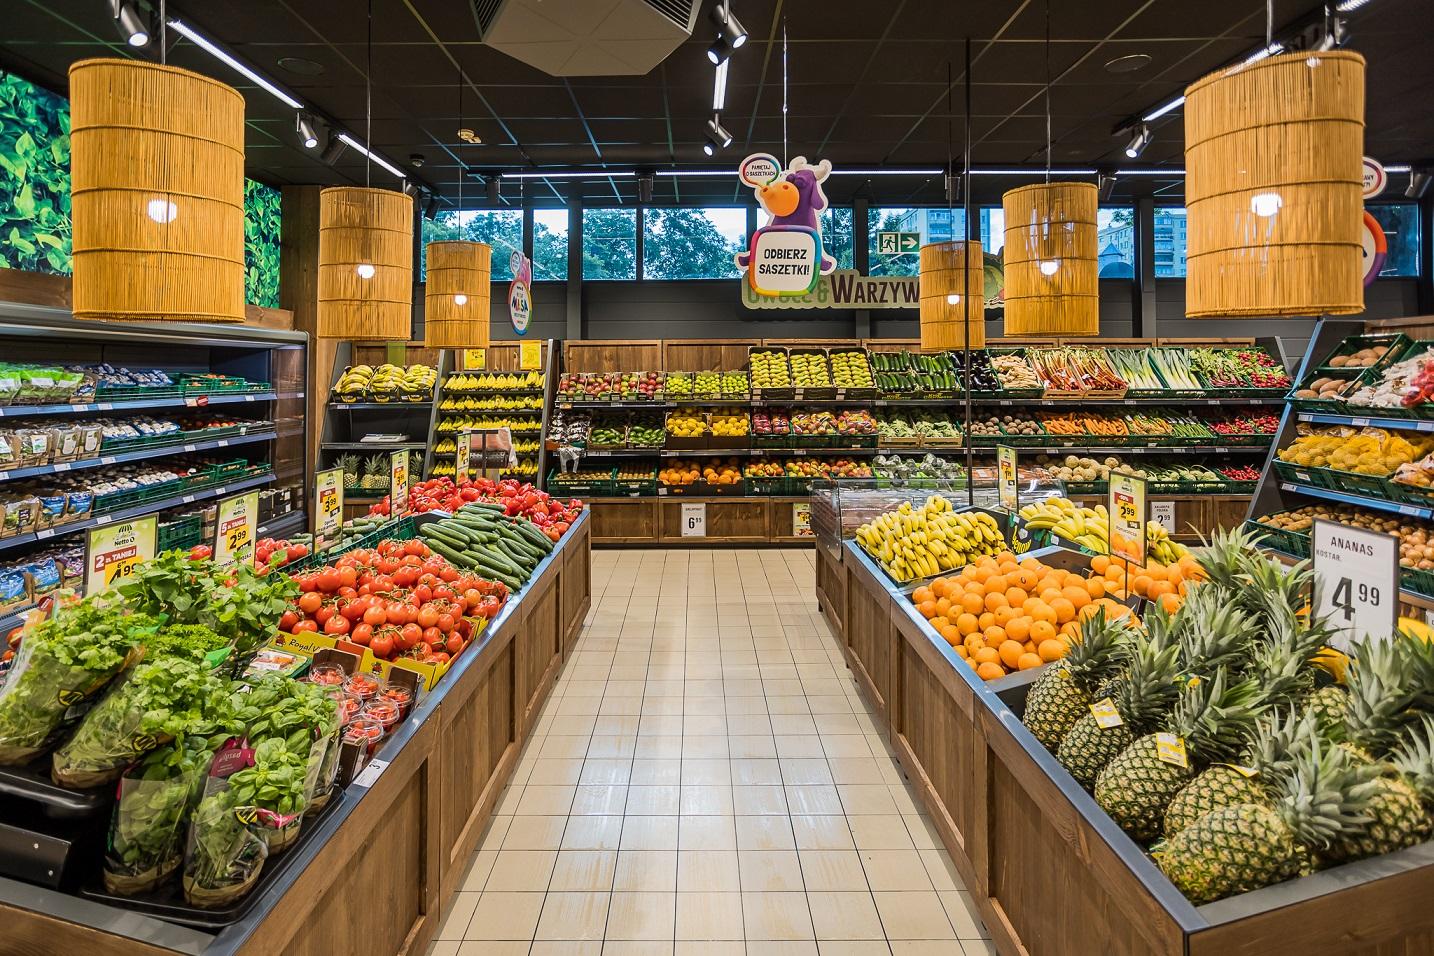 Nowy market Netto w Galerii Solnej